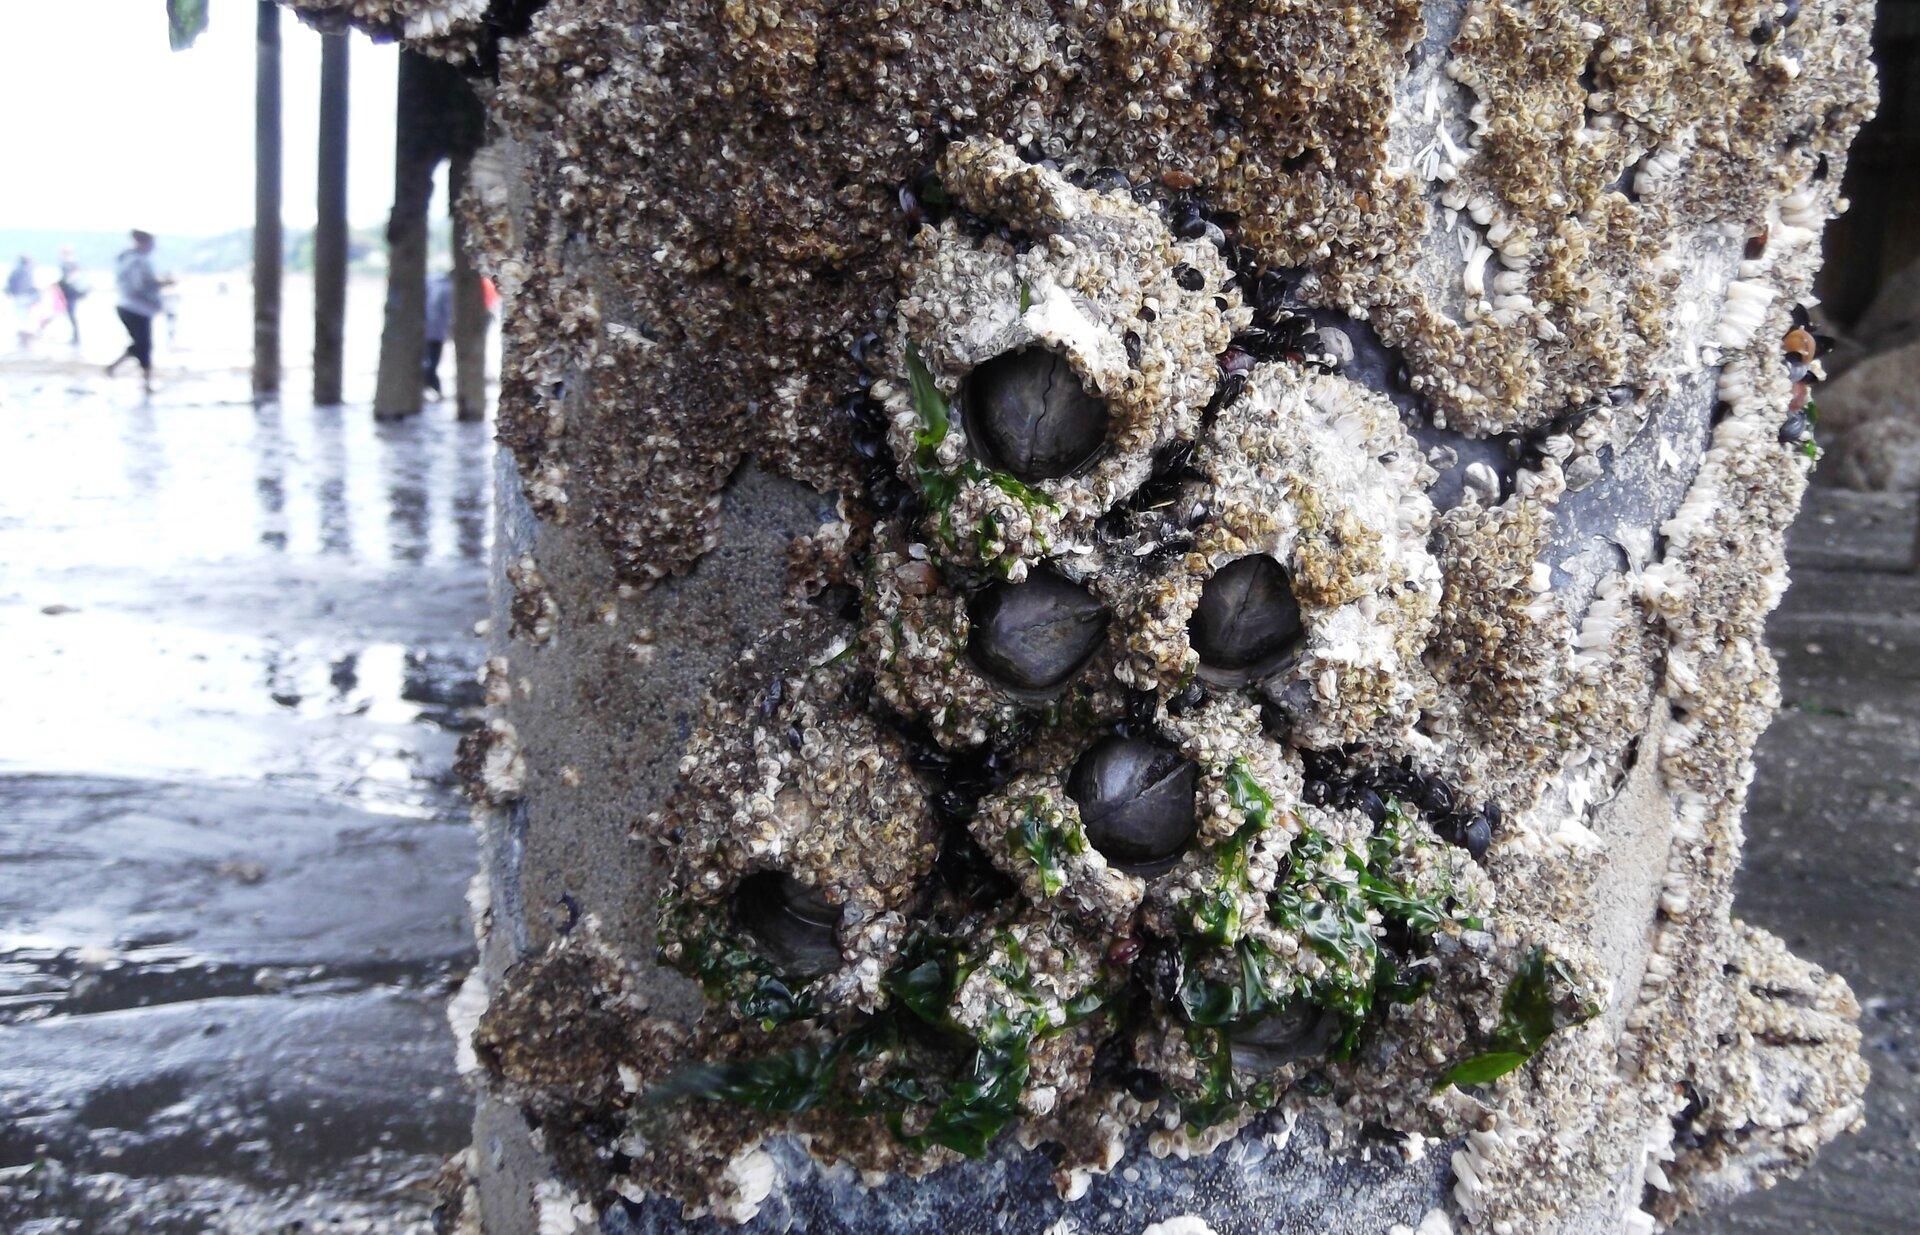 Wgalerii znajdują się fotografie przedstawicieli skorupiaków. Fotografia przedstawia zbliżenie słupa morskiego molo wtonacji szarej. Do słupa przyrośnięte, wystające czarne pąkle otoczone chropowatą skorupą. Na niej pojedyncze kawałki zielonych glonów.